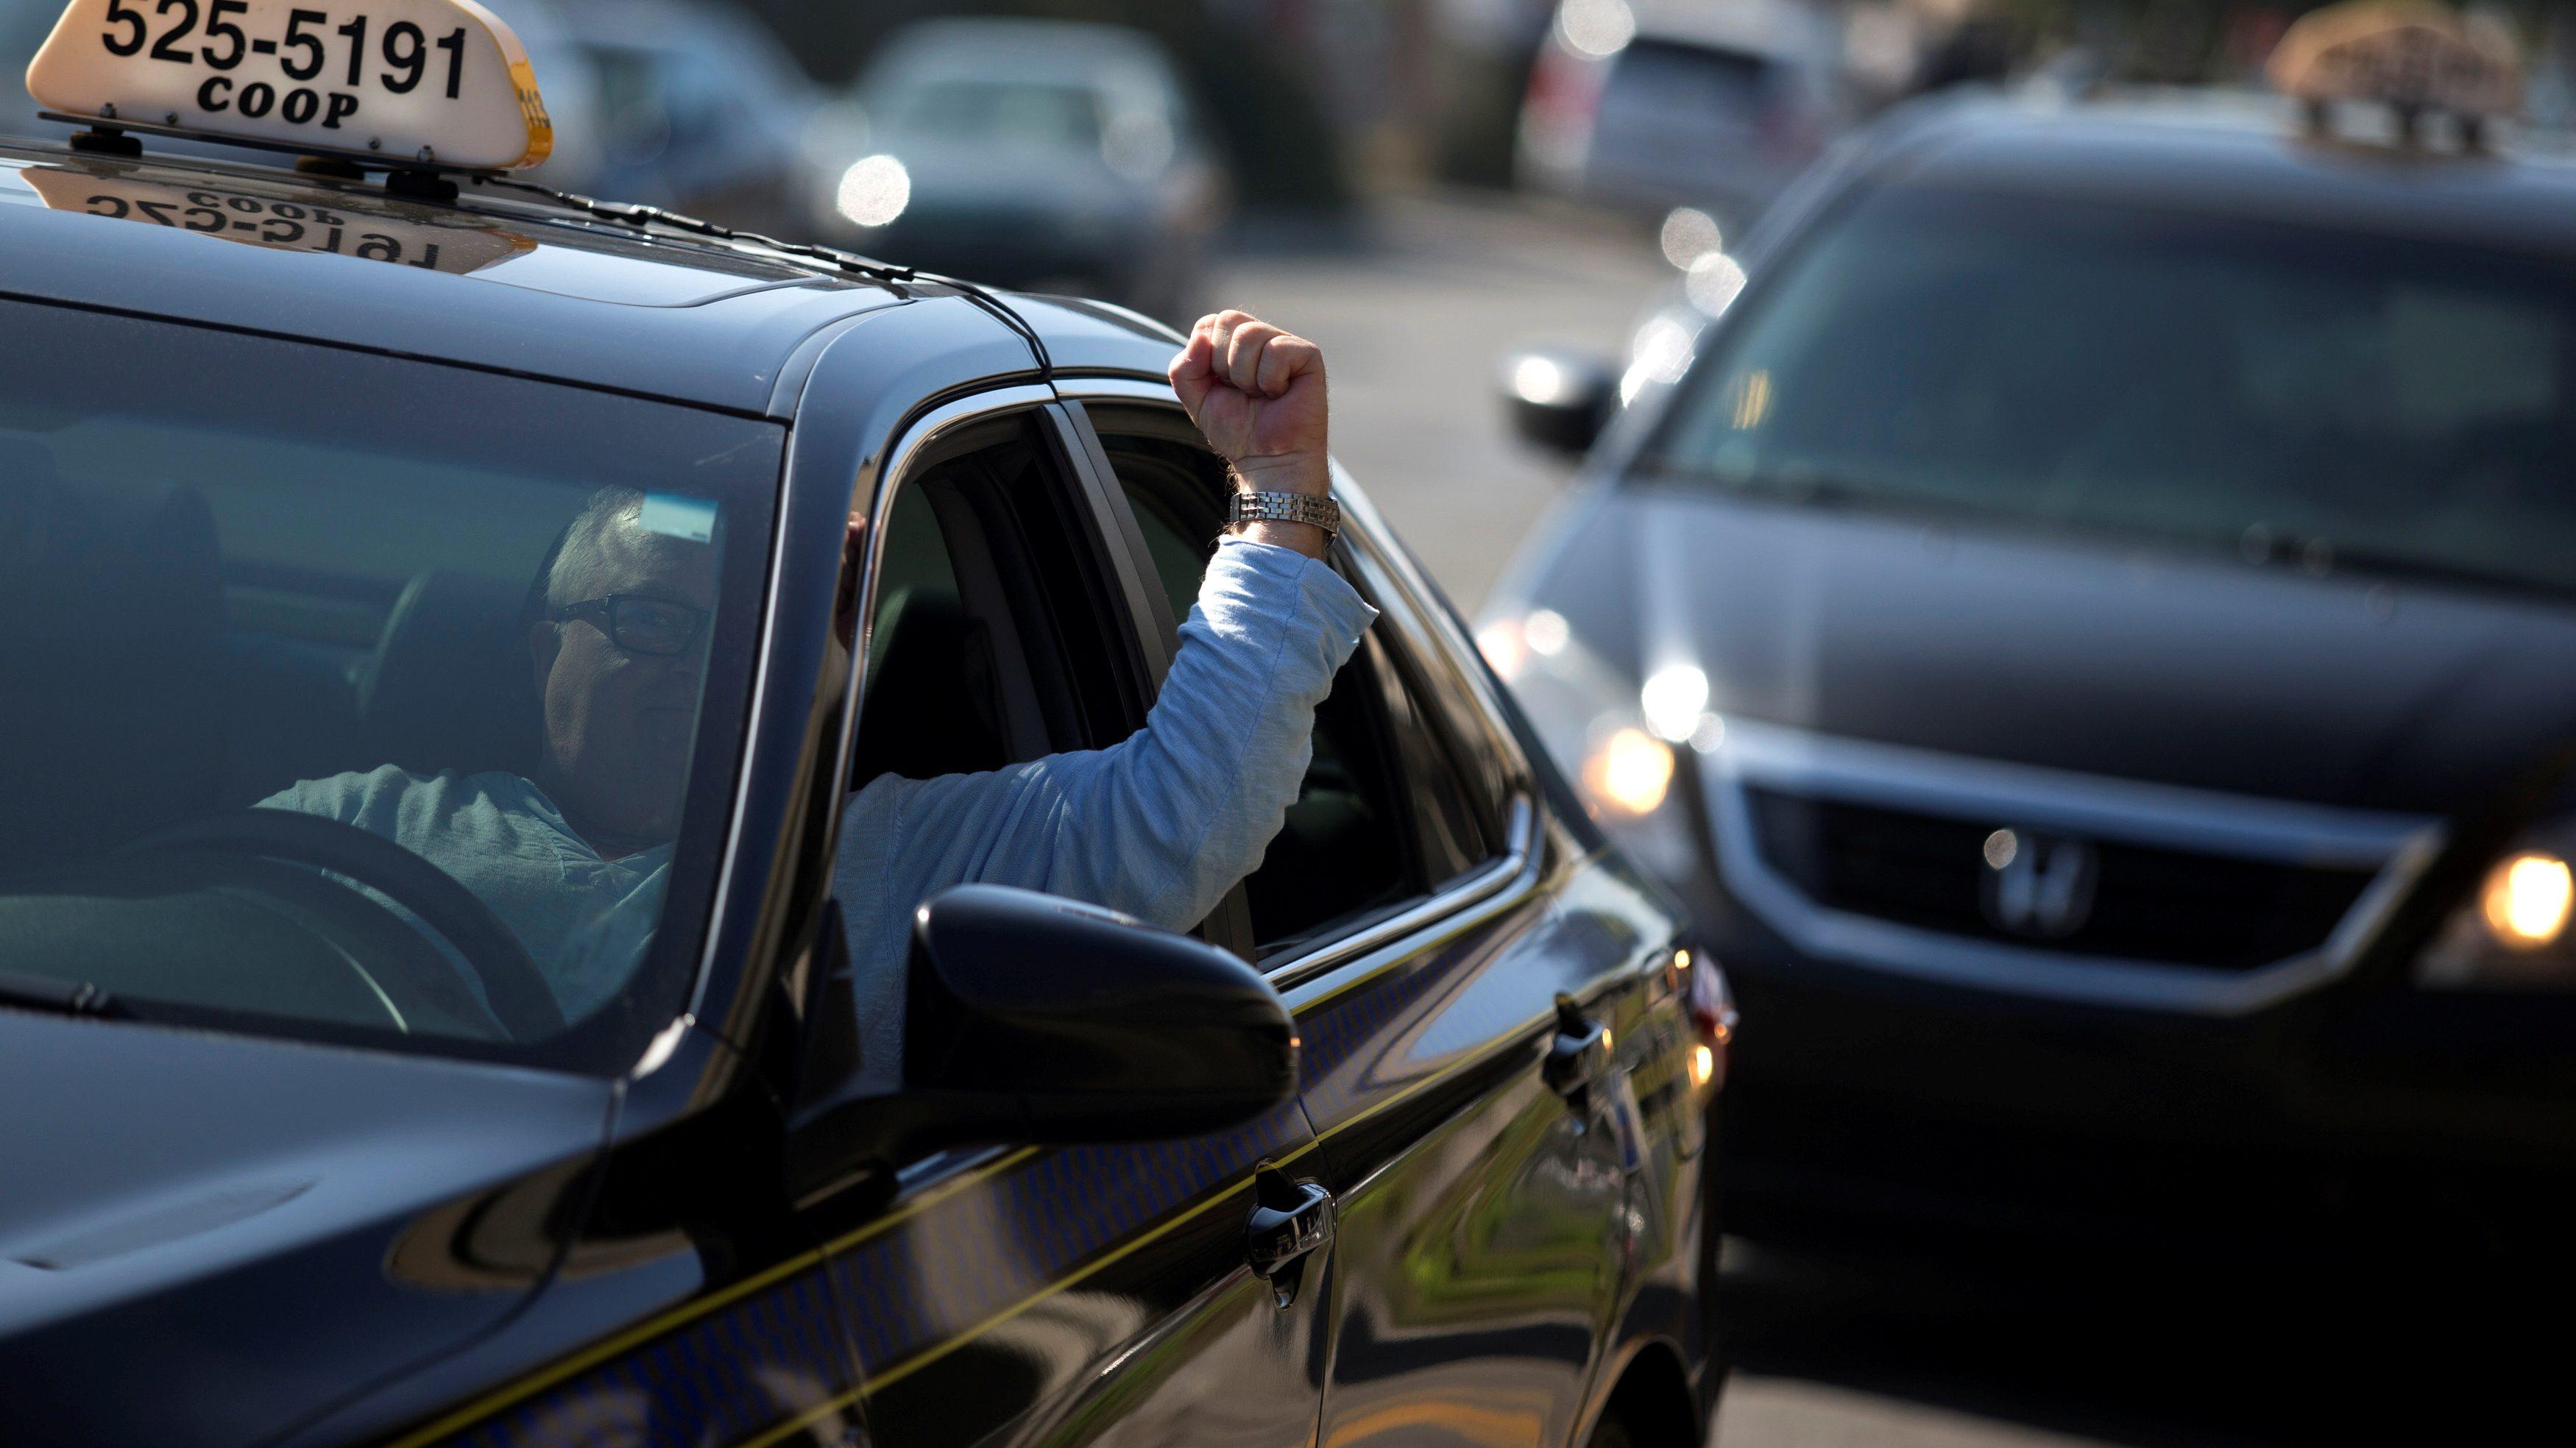 A taxi driver raises his fist through the car window.